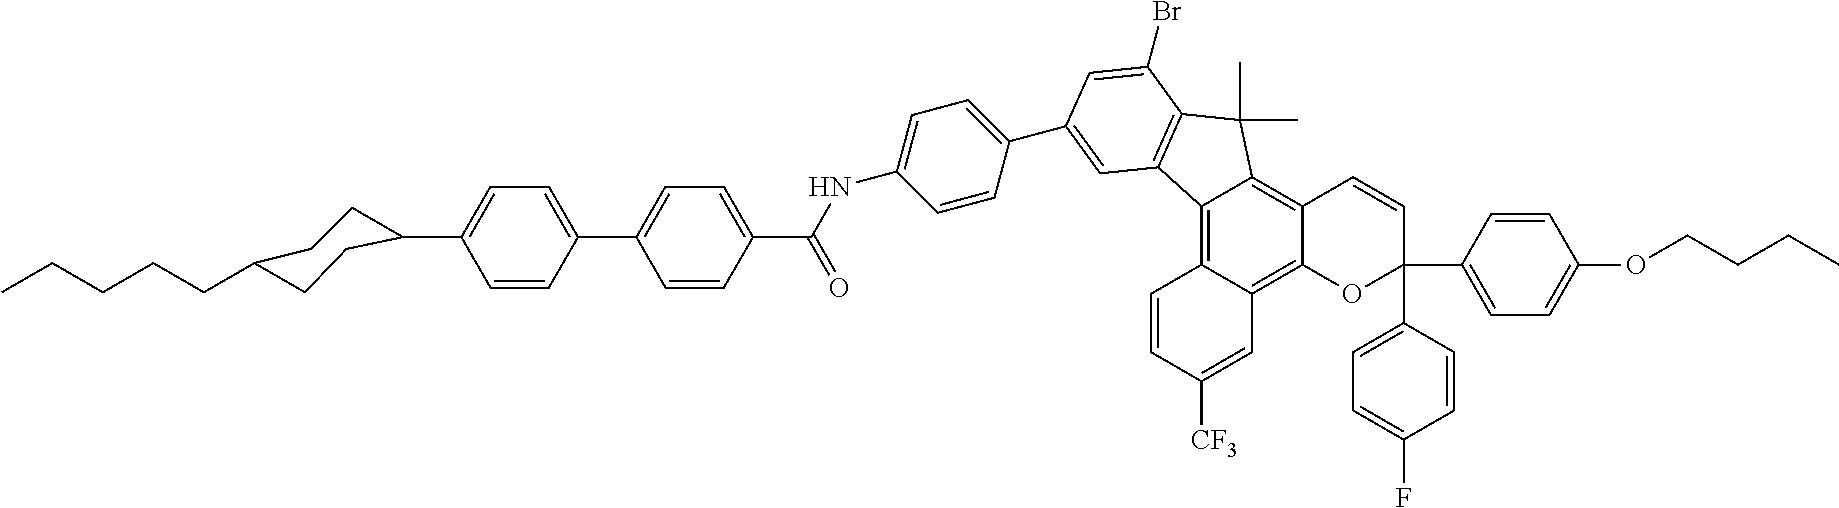 Figure US08545984-20131001-C00036